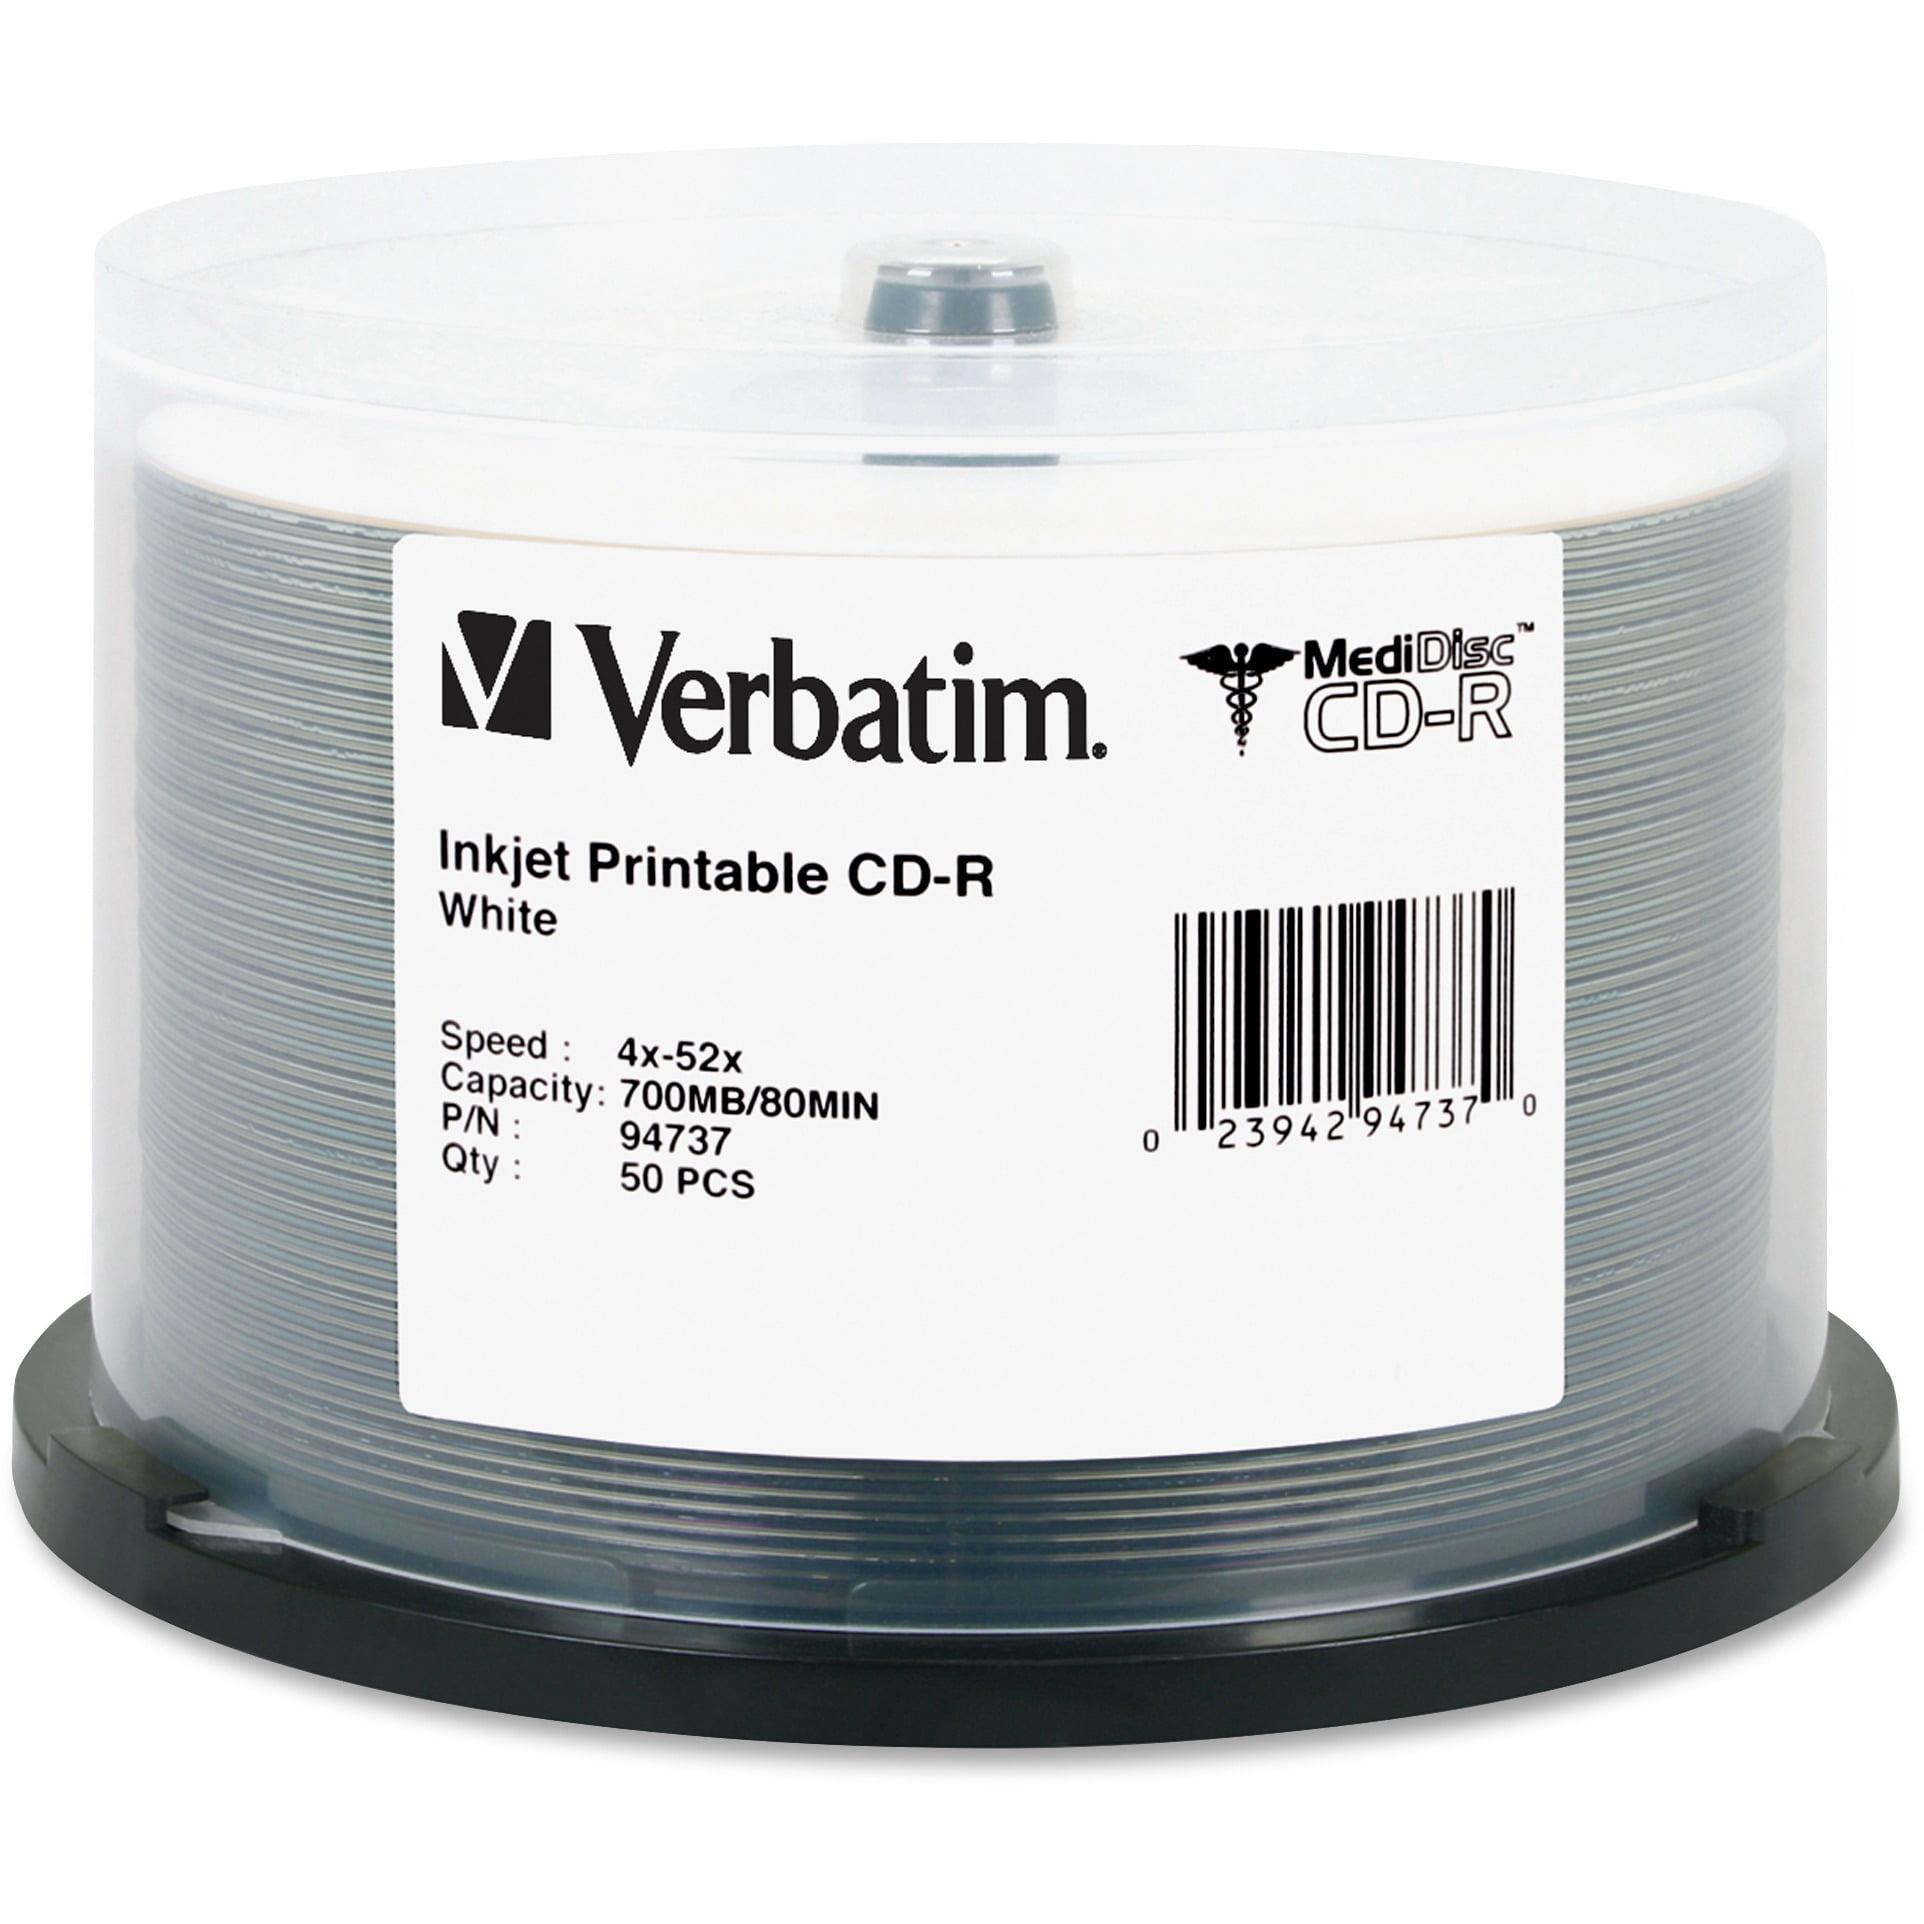 Verbatim, VER94737, Inkjet Printable MediDisc CD-Rs, 50, White